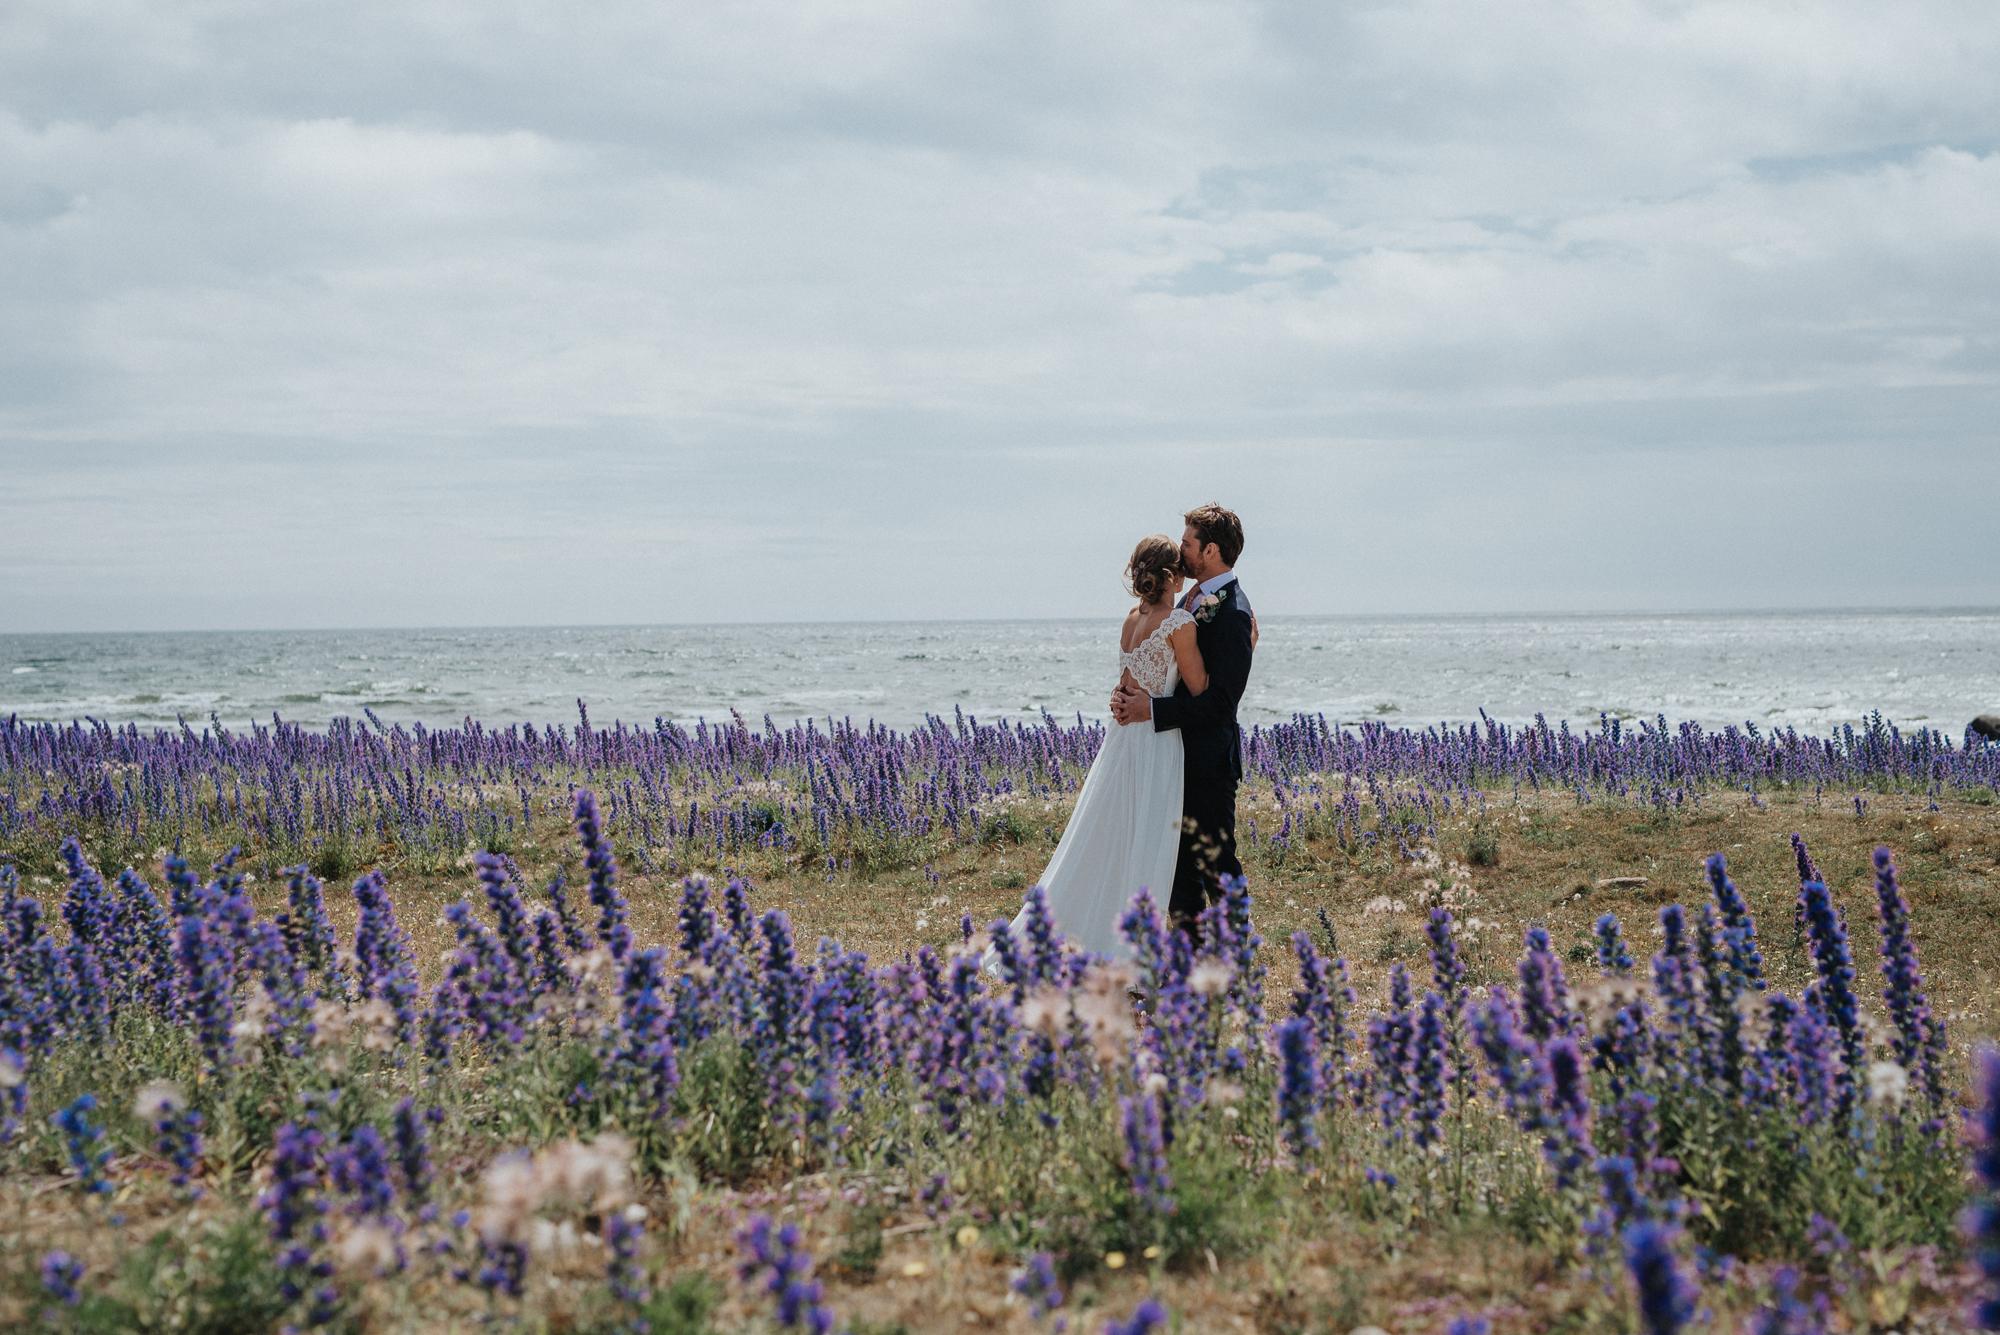 004-bröllop-närsholmen-gotland-neas-fotografi.jpg